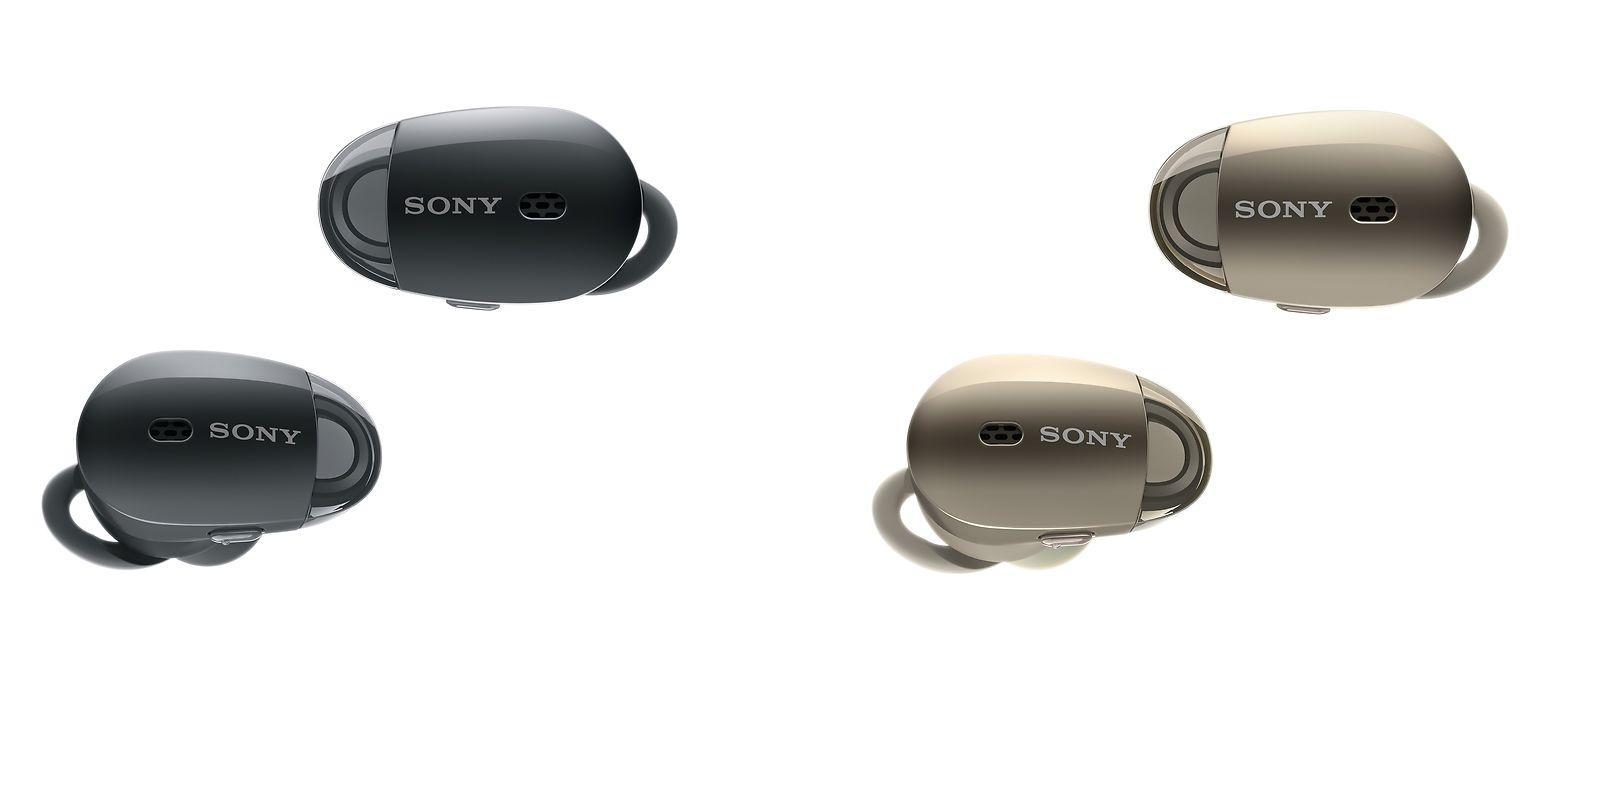 Sony Wf 1000x Bt Noise Canceling In Ear Earphones W Mic Nfc Headphones Wireless Xb950n1 Extra Bass Deal Image